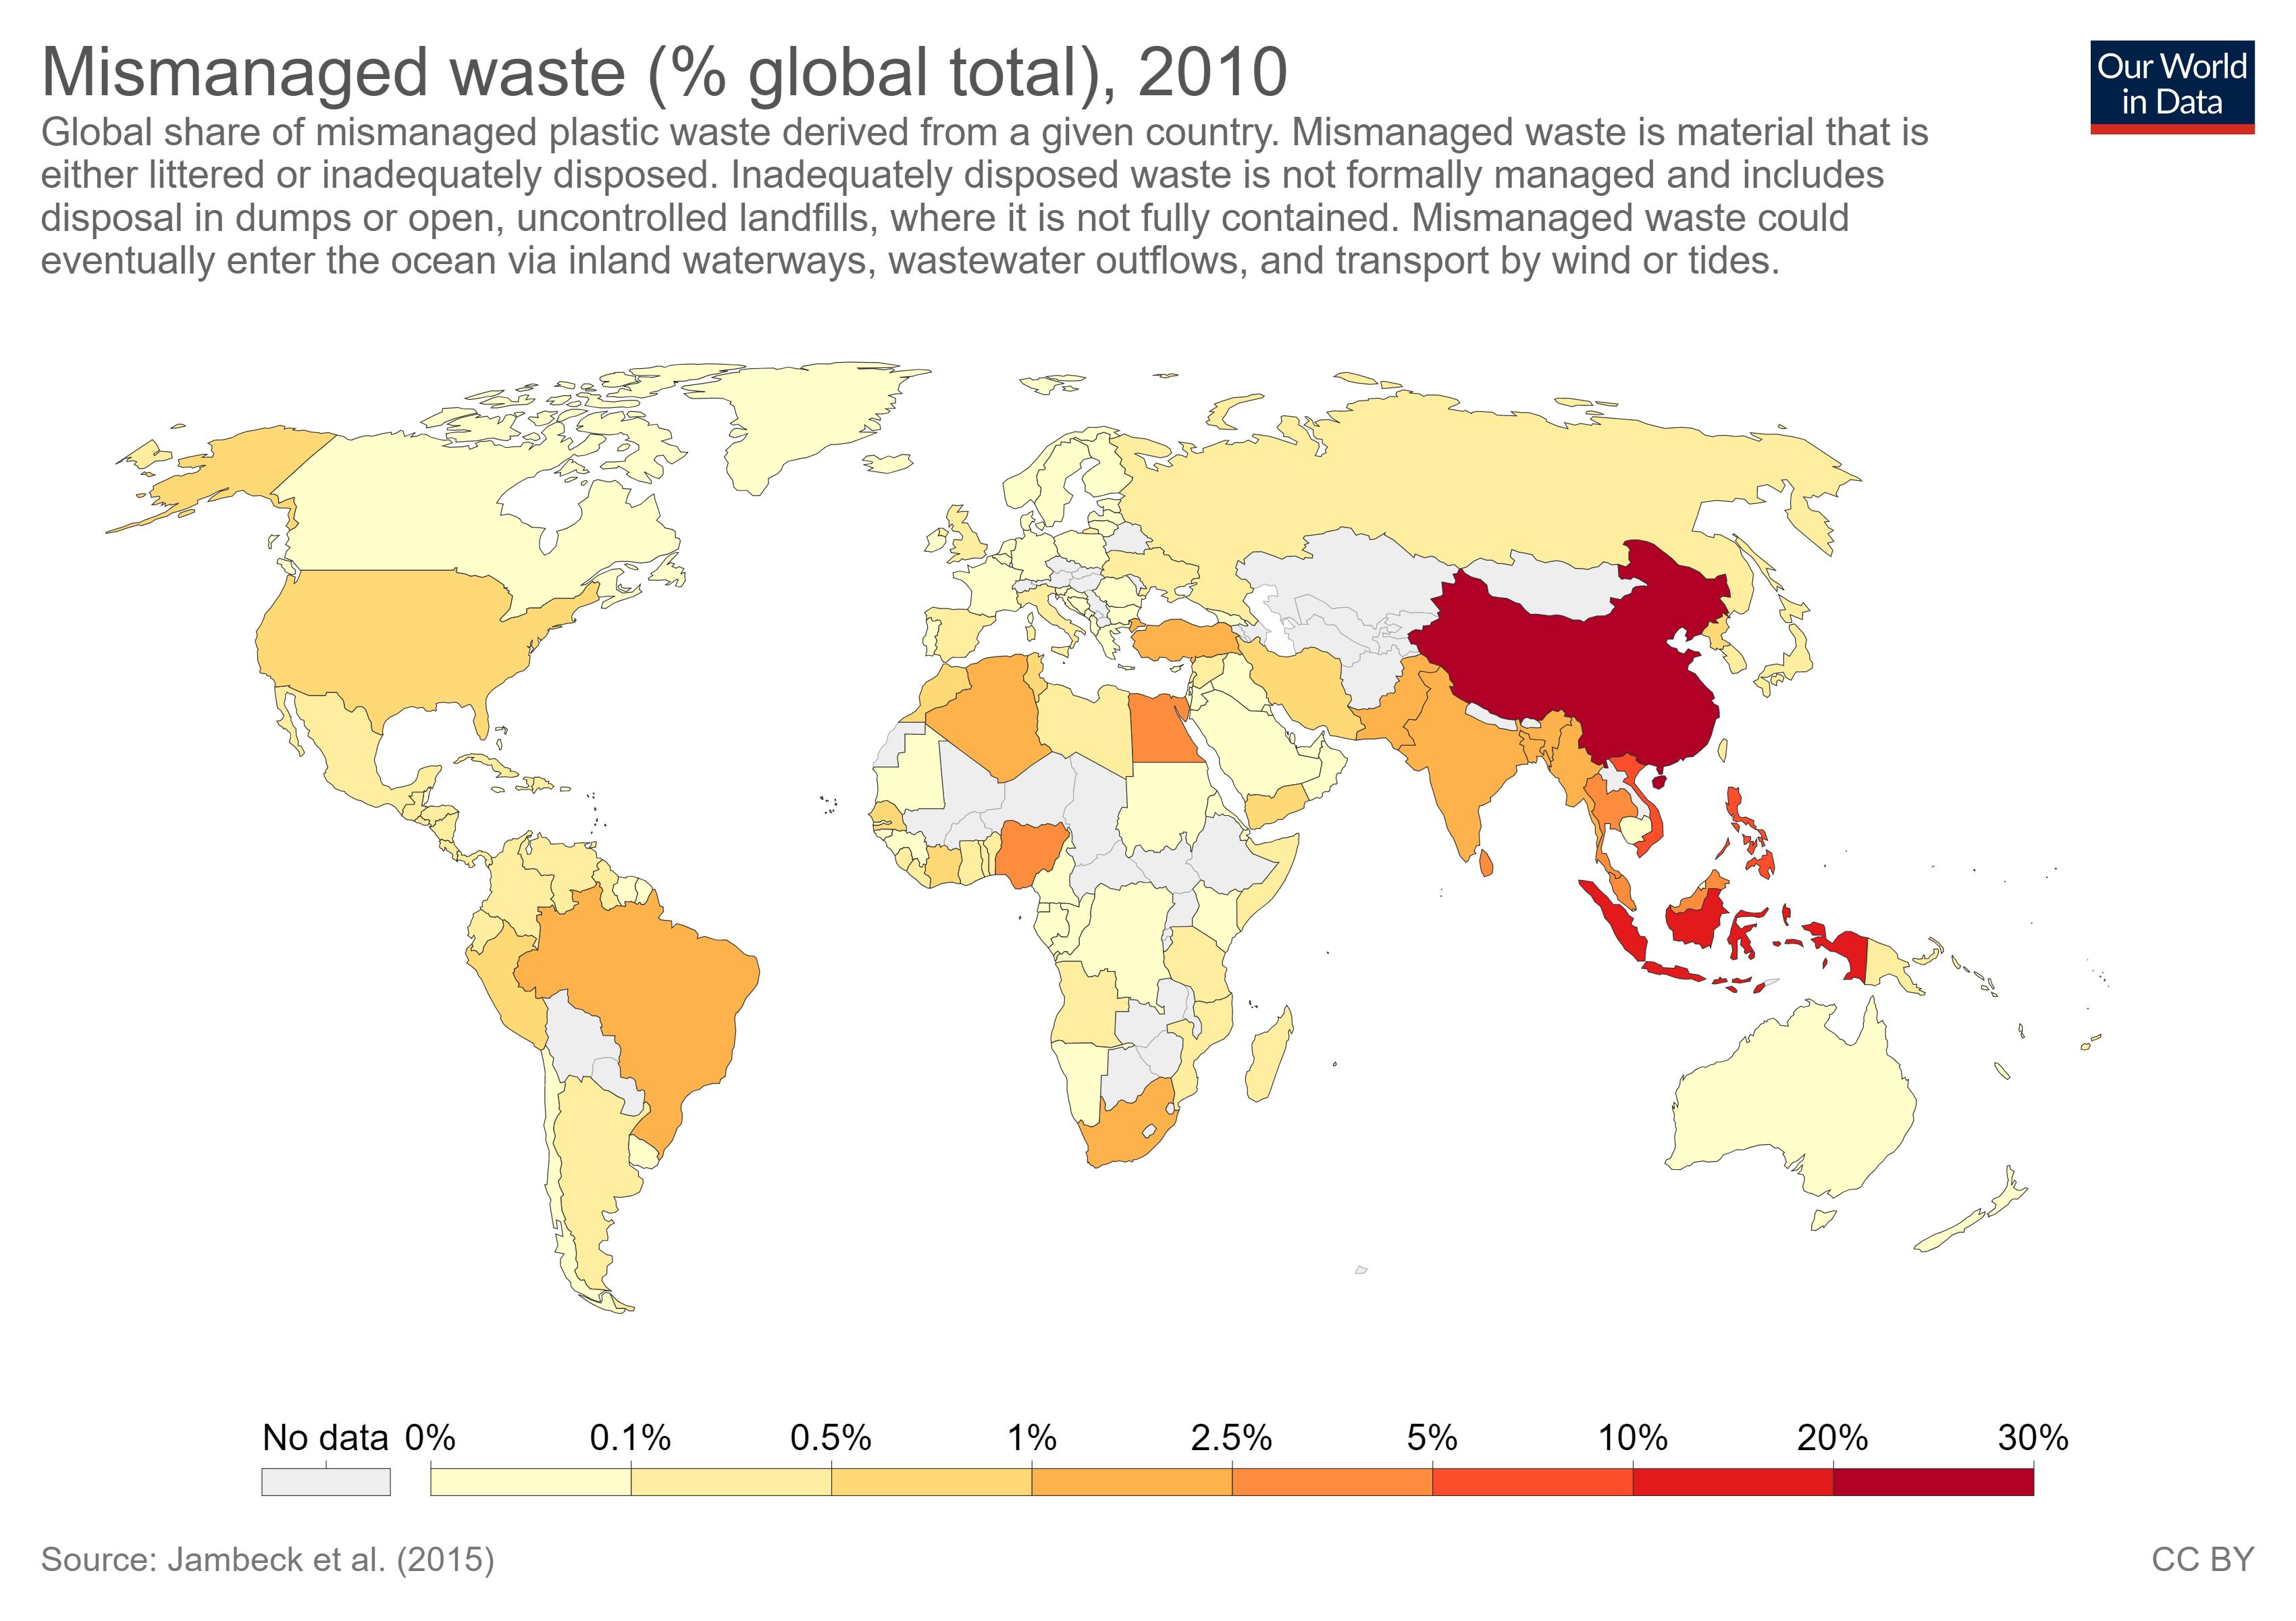 Mismanaged waste (% global total), 2010